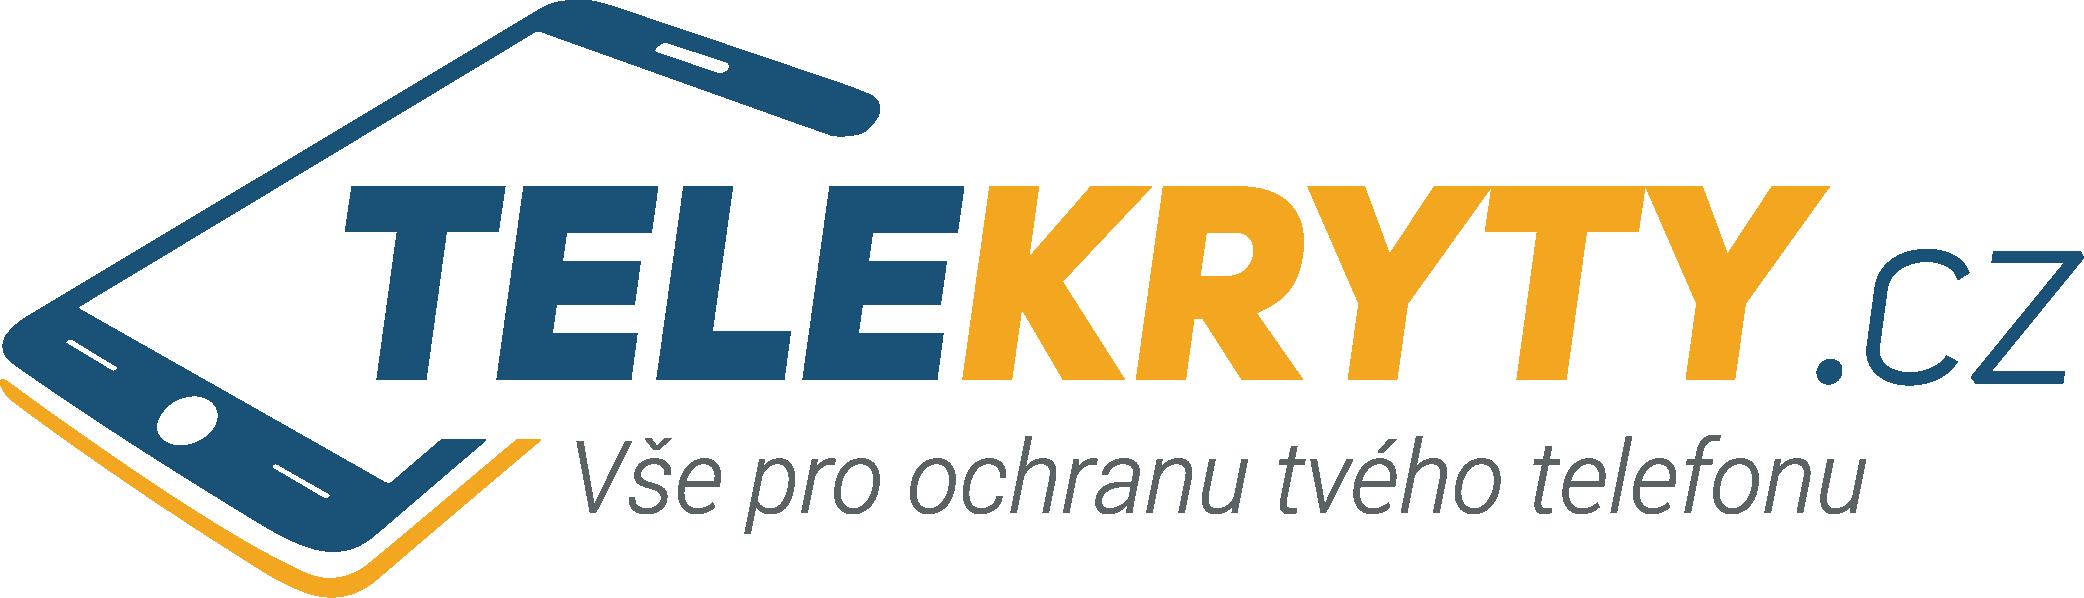 Telekryty.cz